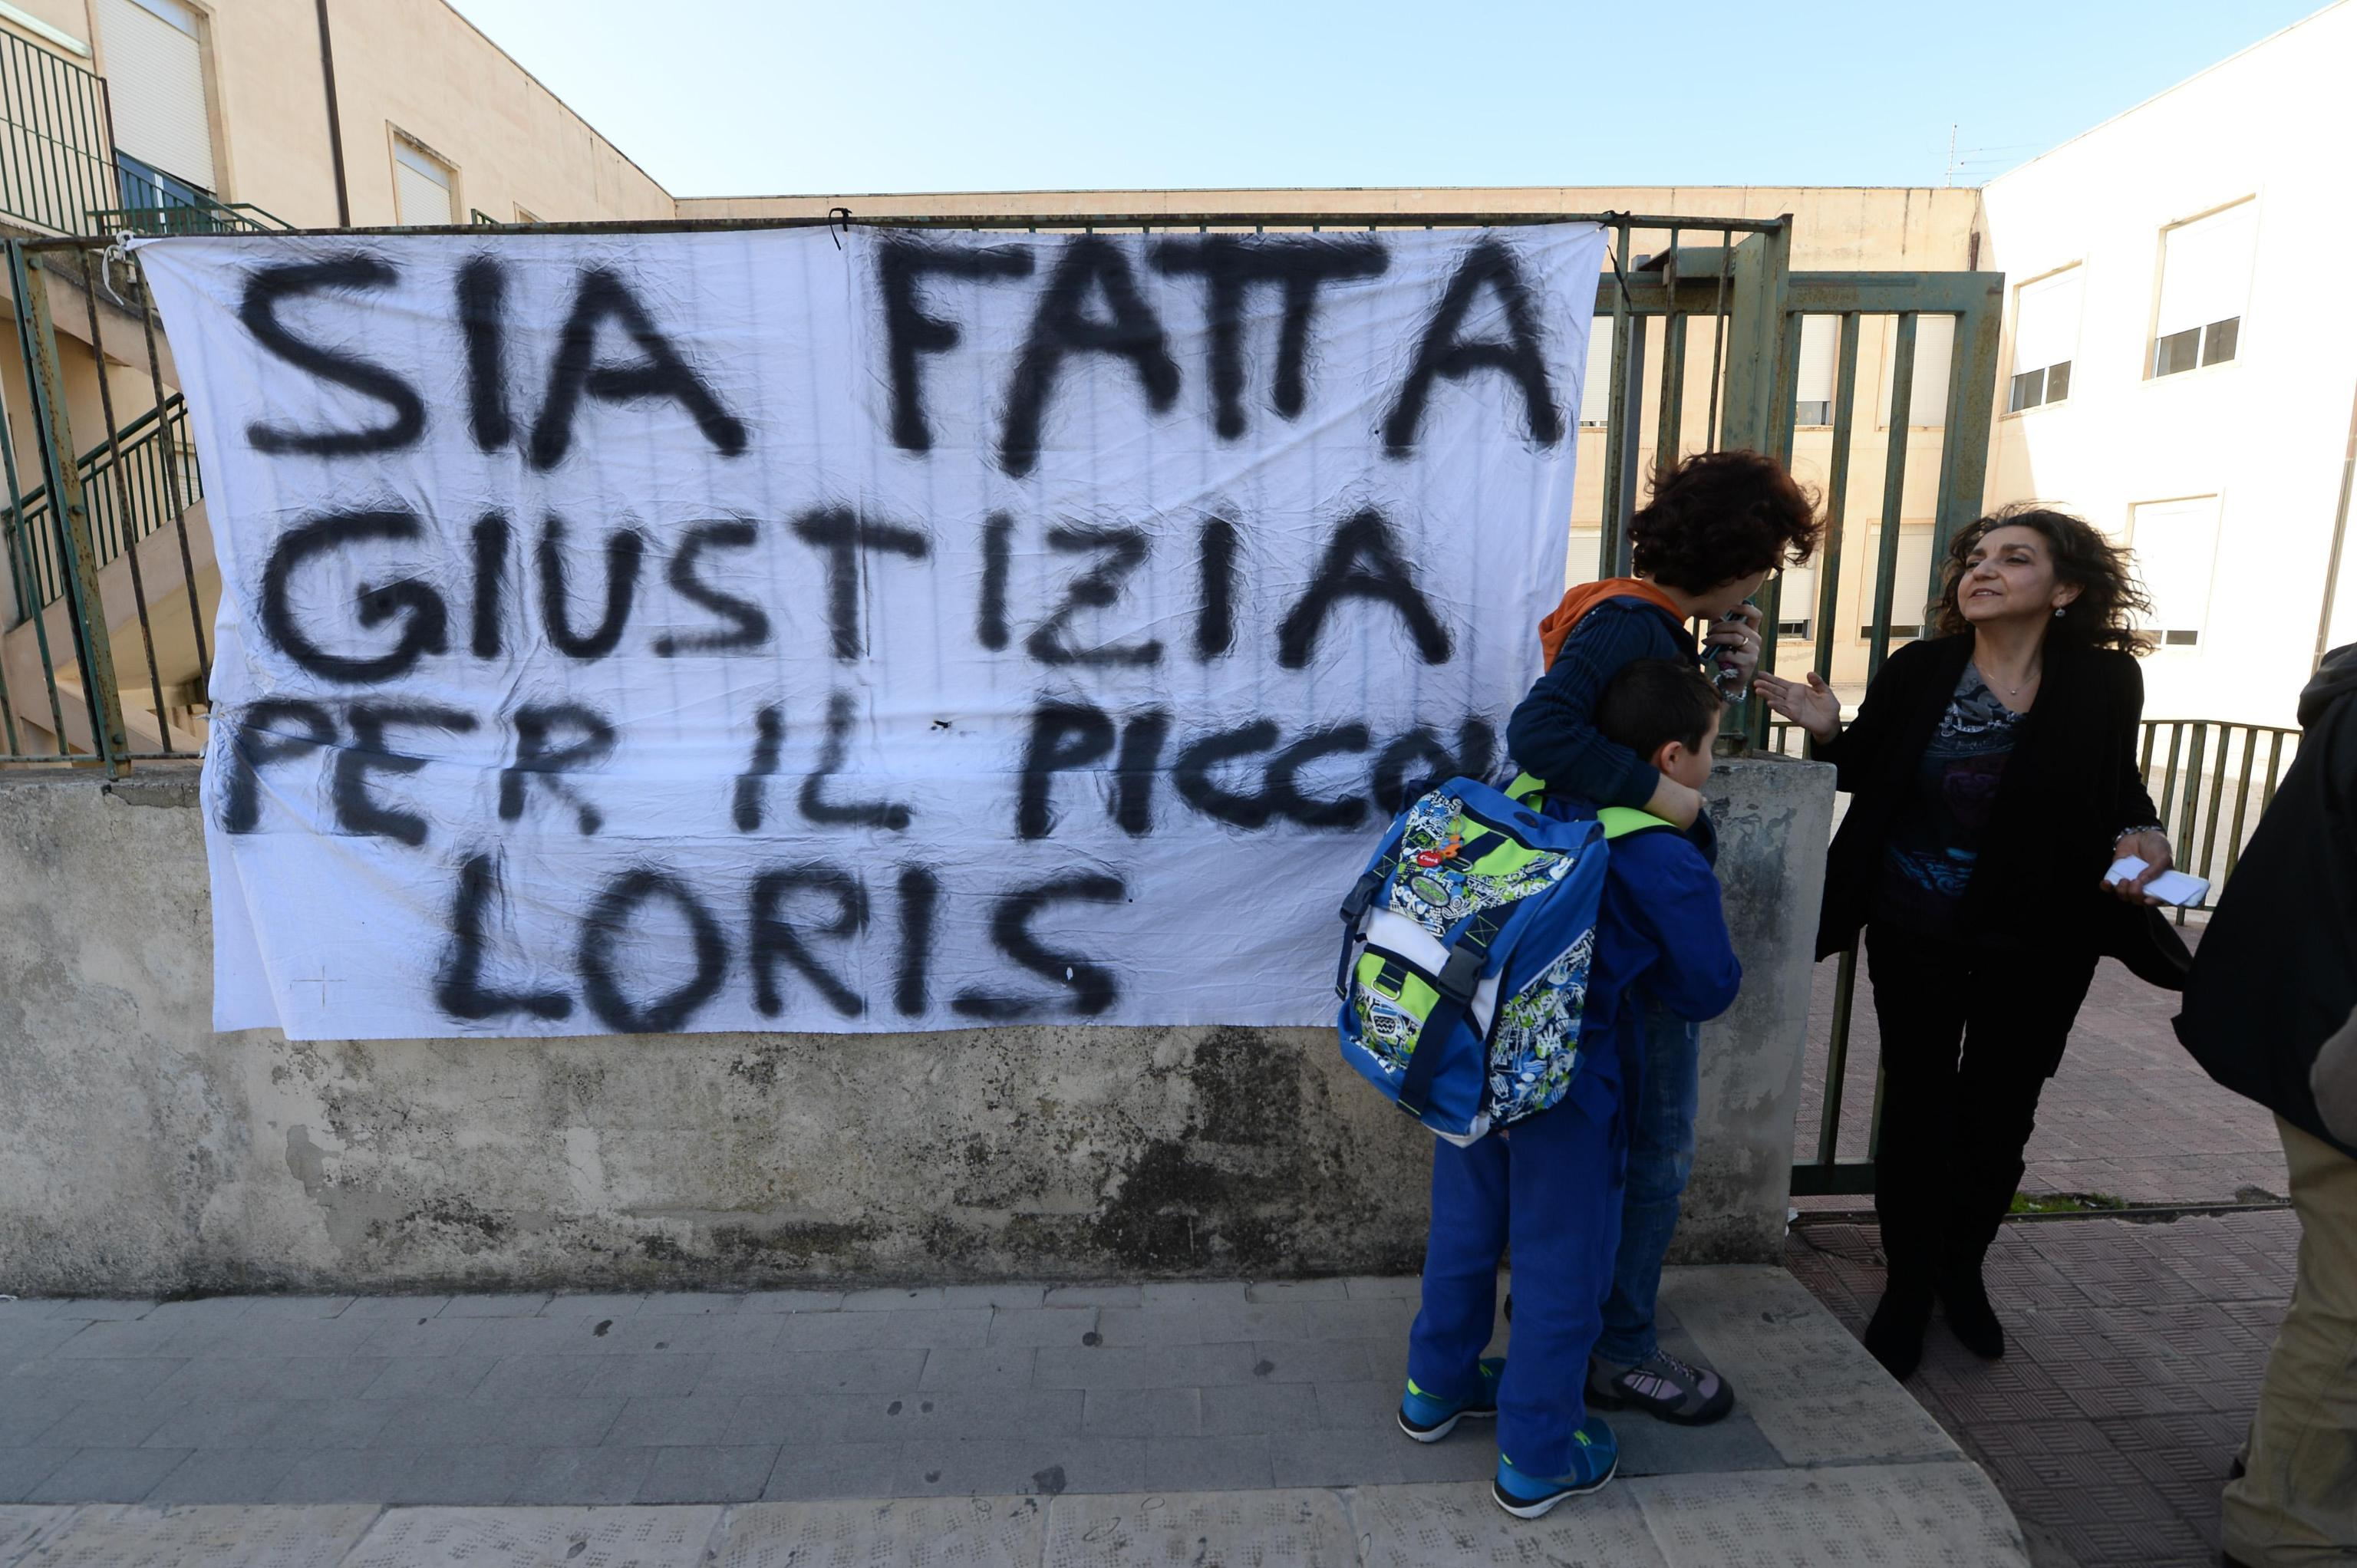 Omicidio di Ragusa, il piccolo Loris ucciso con una fascetta da elettricista. Continuano i dubbi sulla versione della mamma